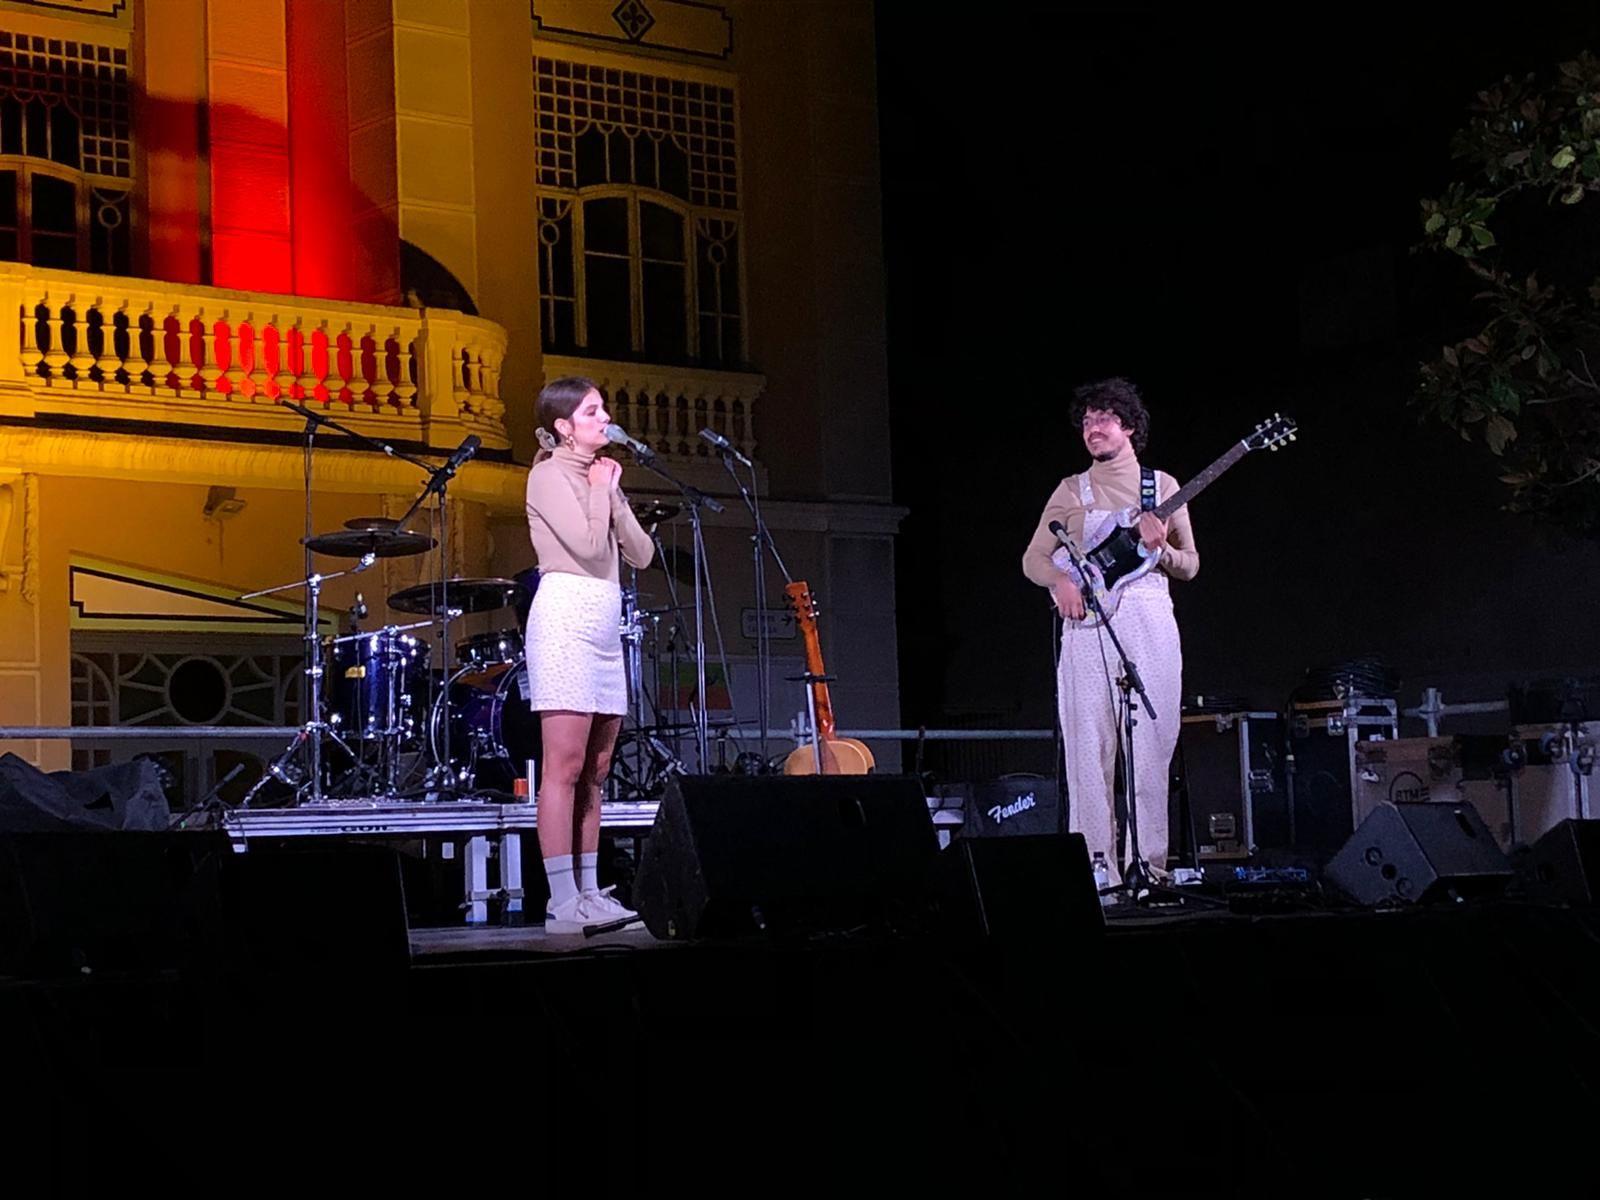 Tercera i última Nit d'Acústica a Figueres